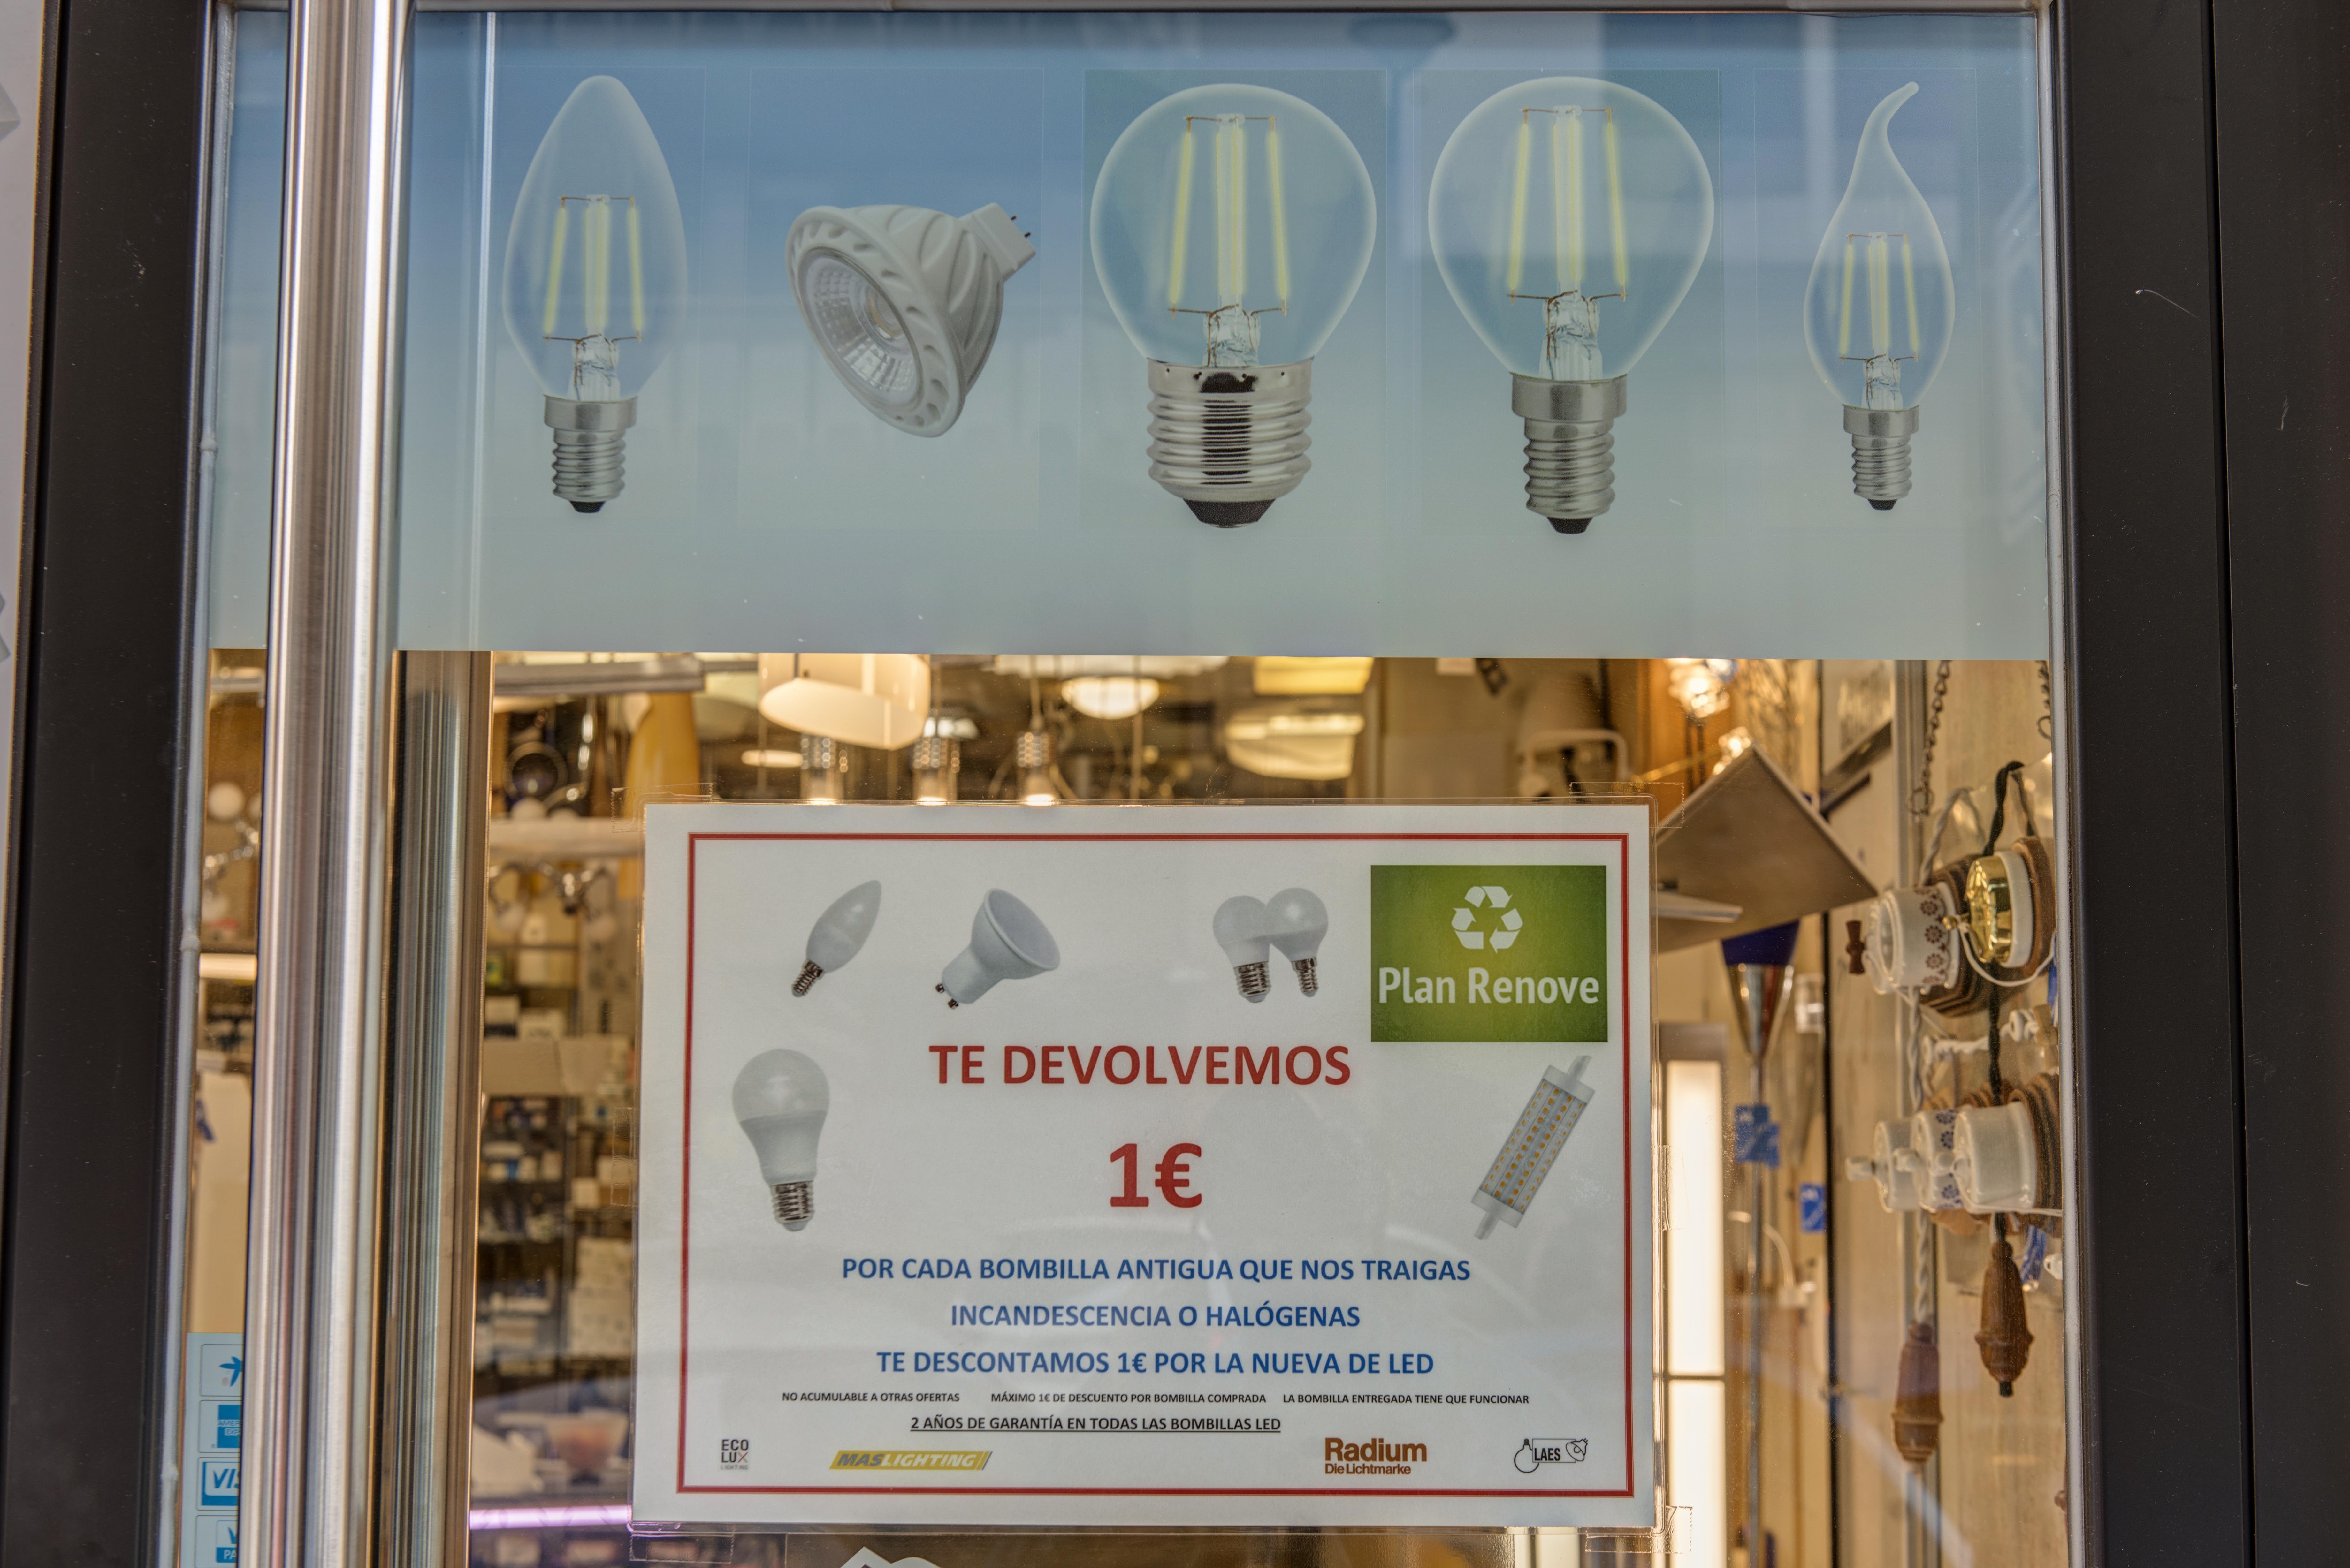 Empresa con dilatada experiencia en el sector en Burgos